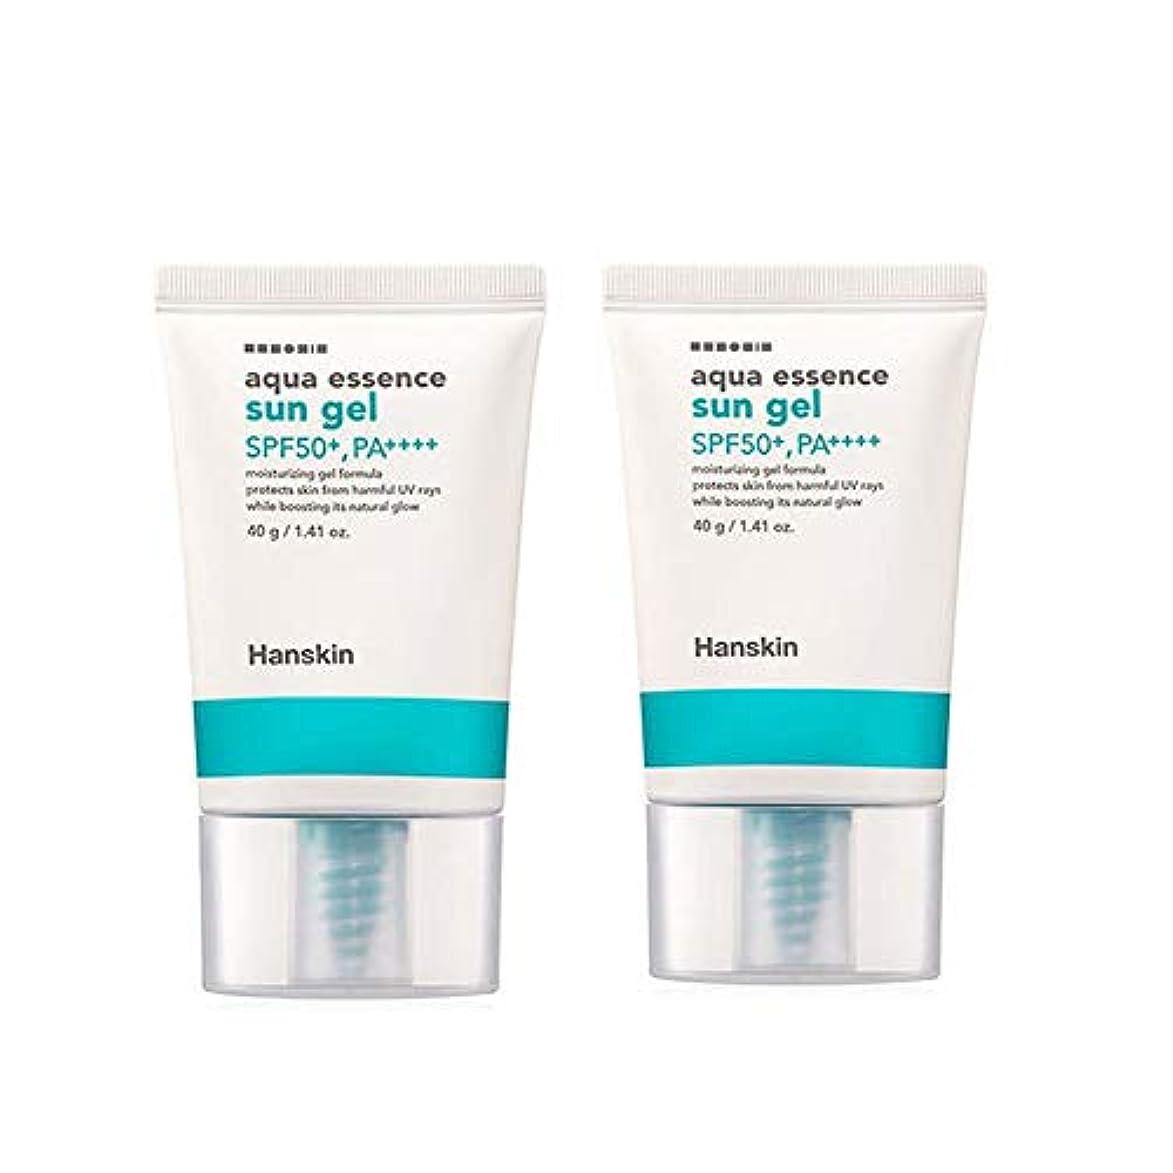 貴重な複合光電ハンスキンアクアエッセンスサンゼル40gx2本セットサンクリーム韓国コスメ、Hanskin Aqua Essence Sun Gel 40g x 2ea Set Sun Cream Korean Cosmetics [並行輸入品]